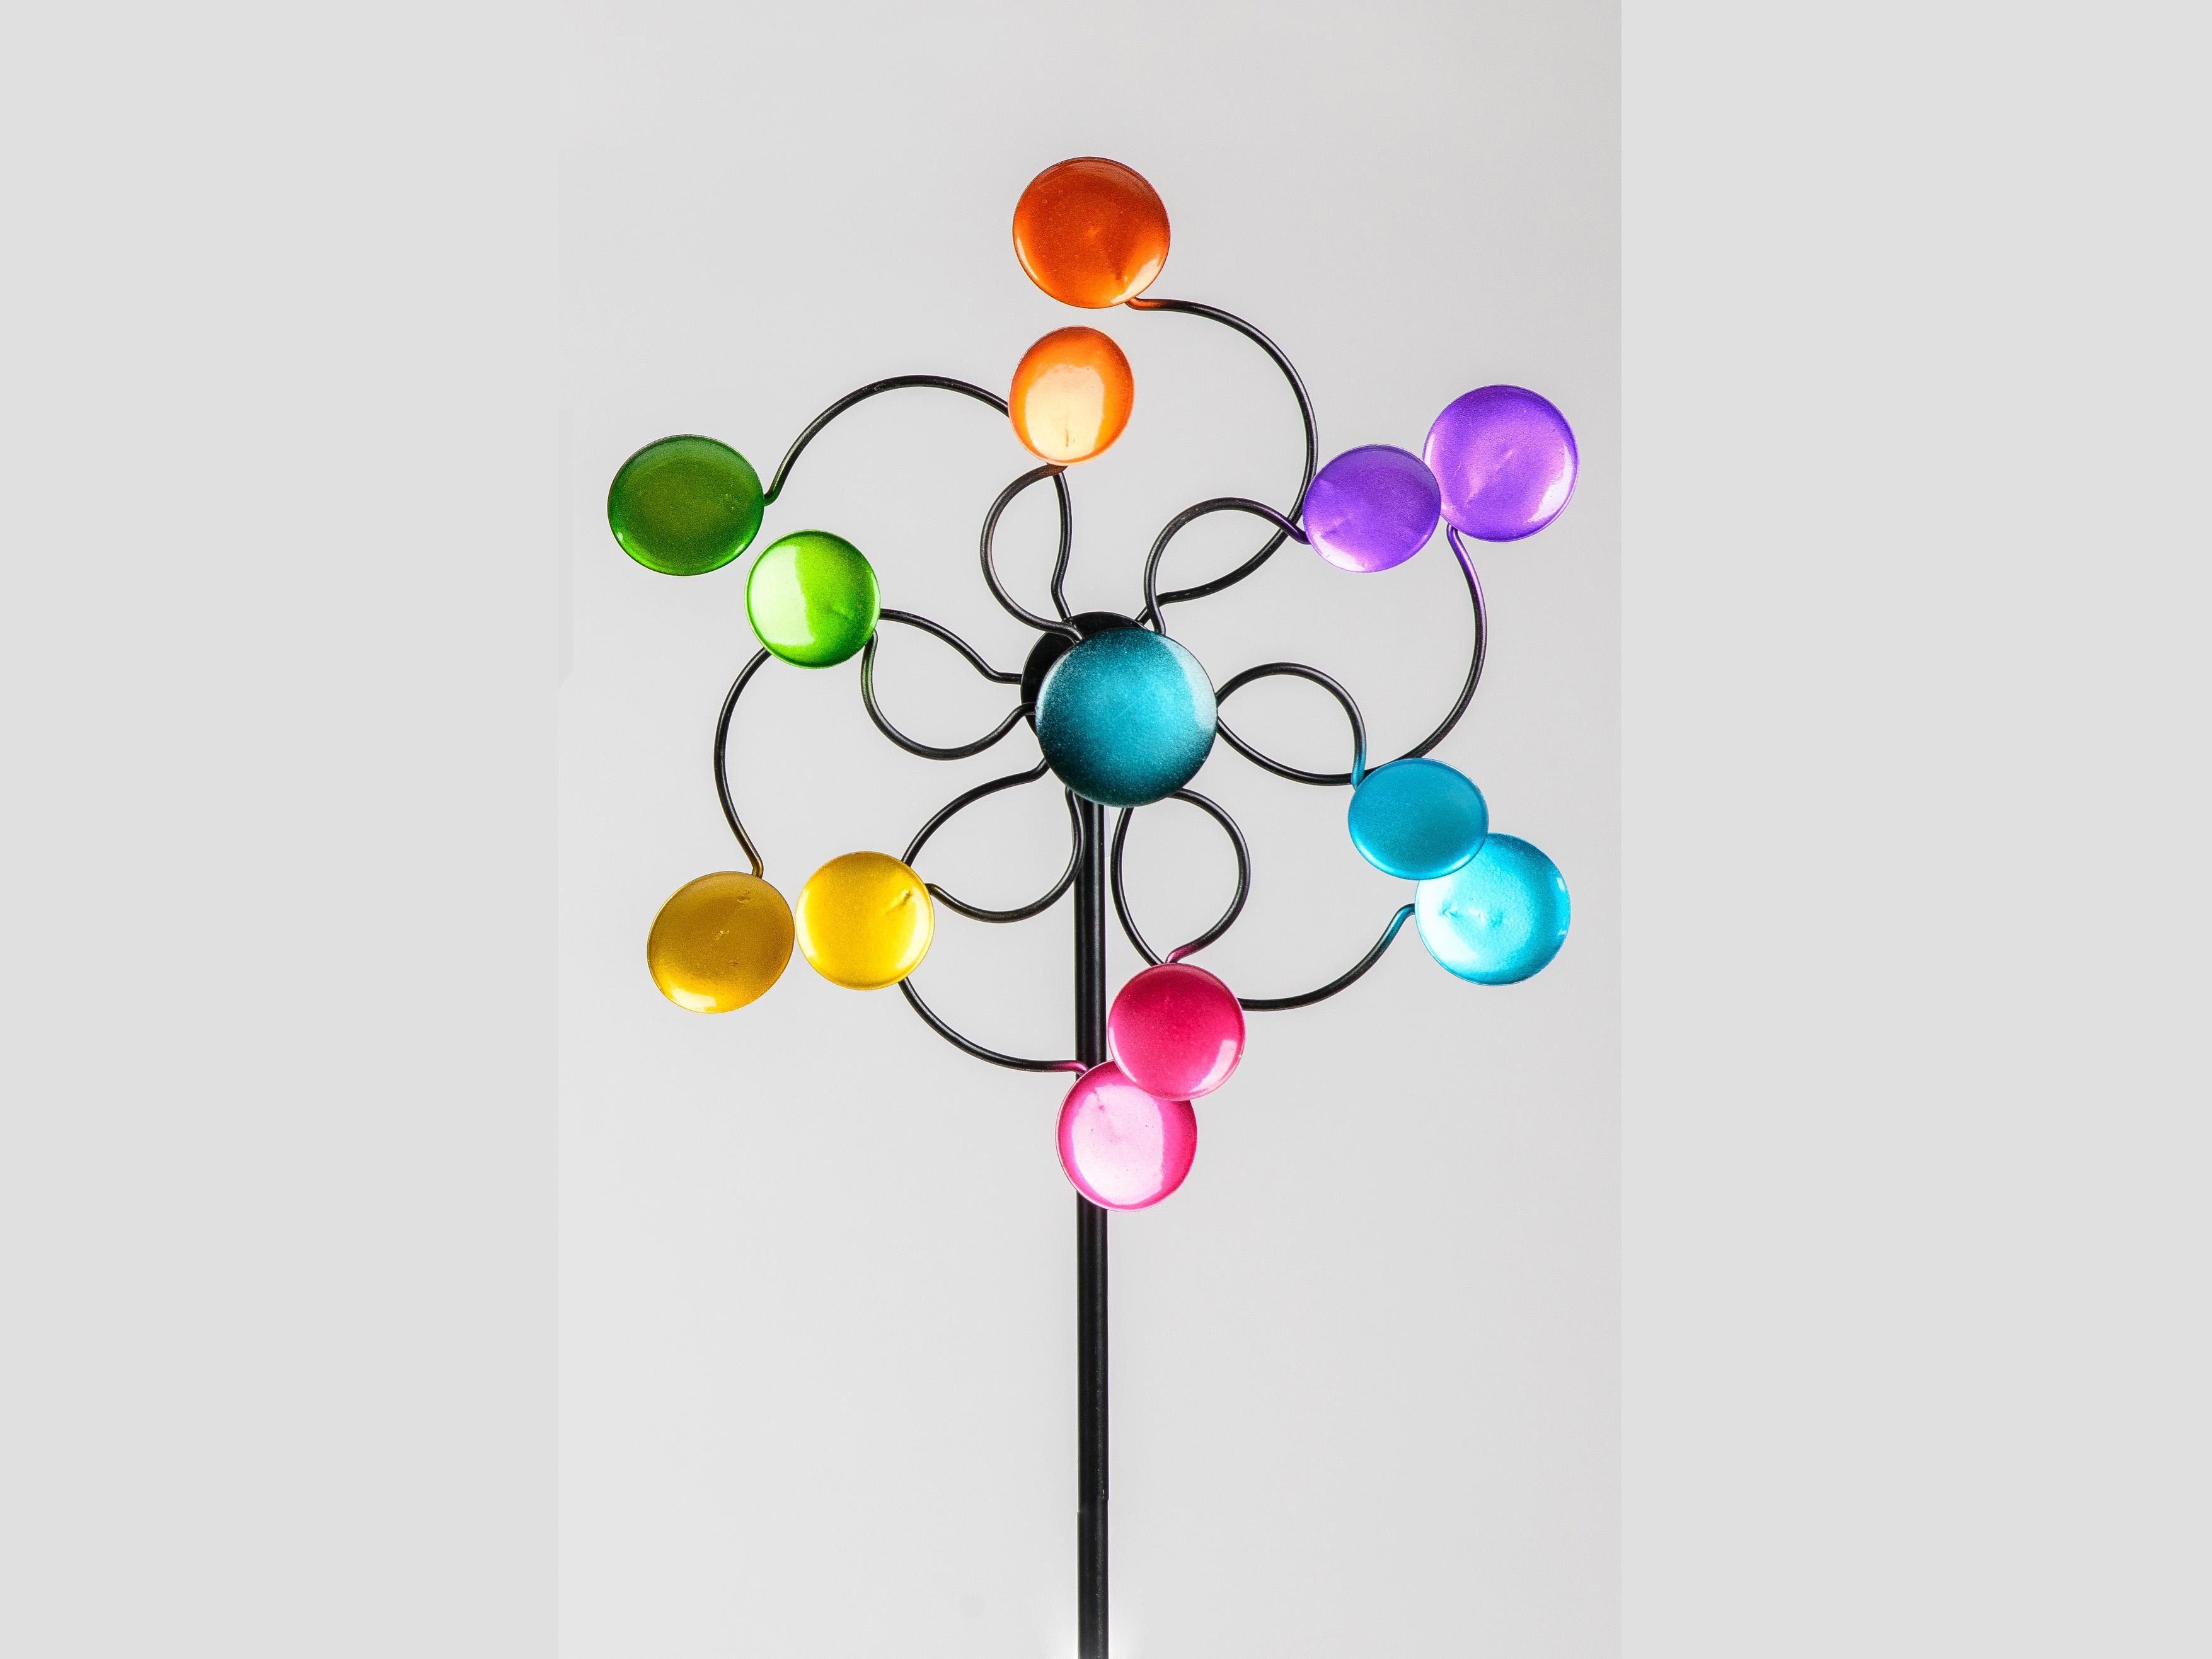 Gartenstecker Windrad mit farbenfrohen Kreisen